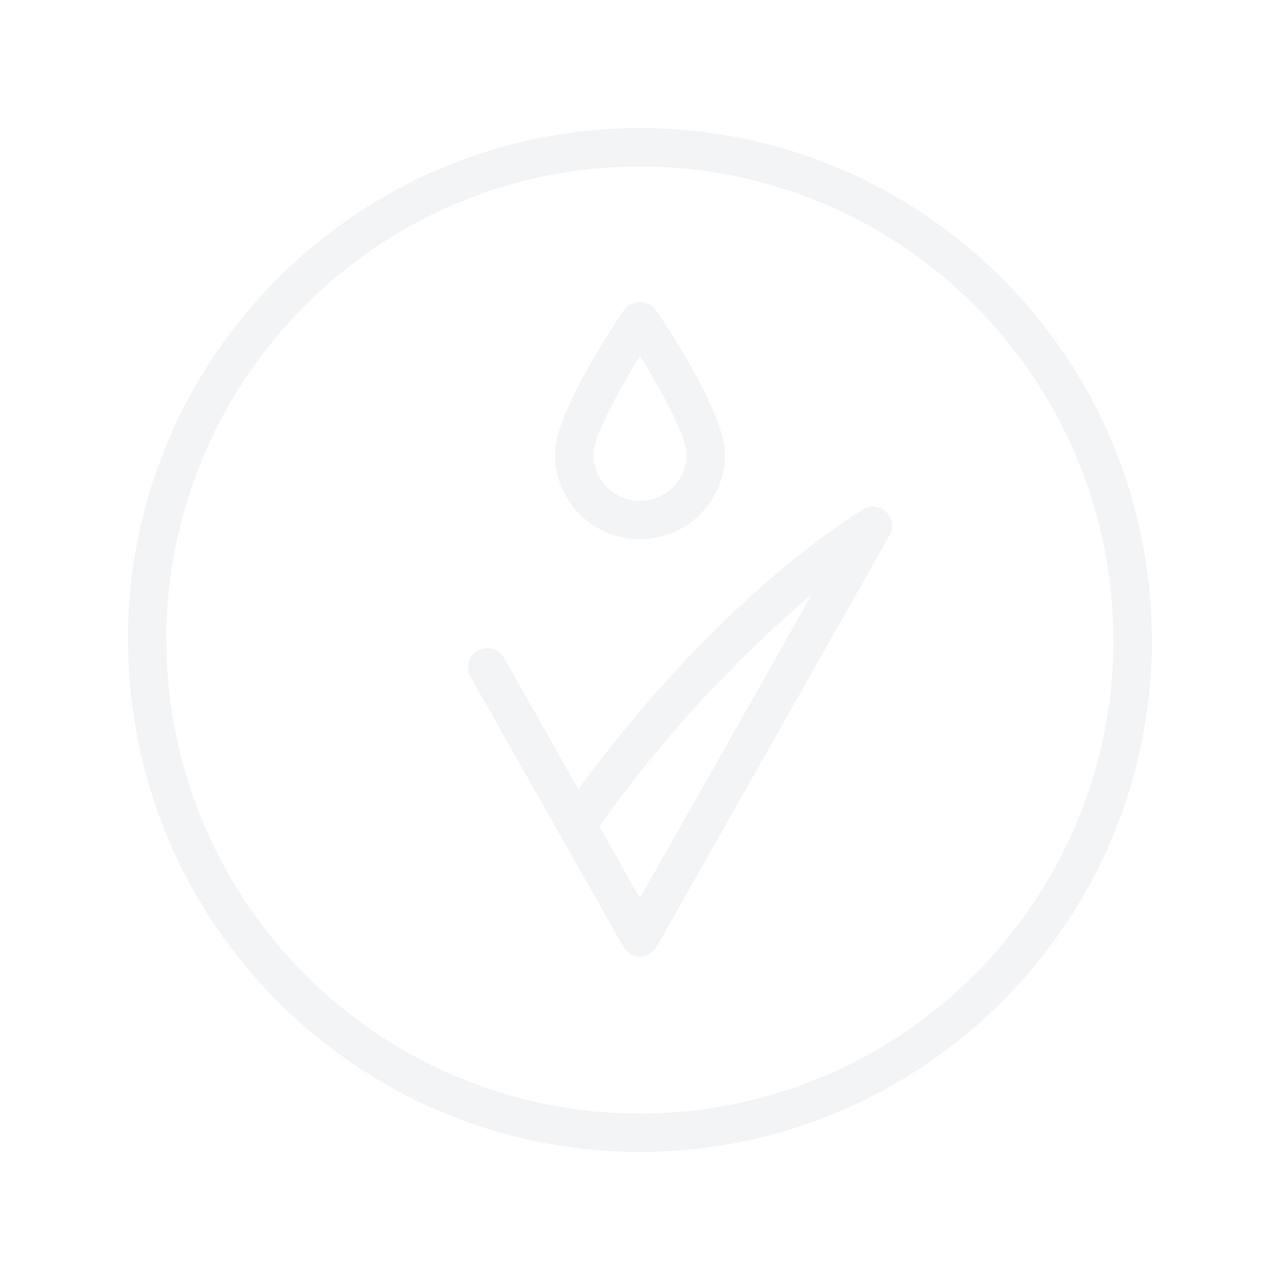 MISSHA All Around Safe Block Mild Sunscreen SPF30 50ml